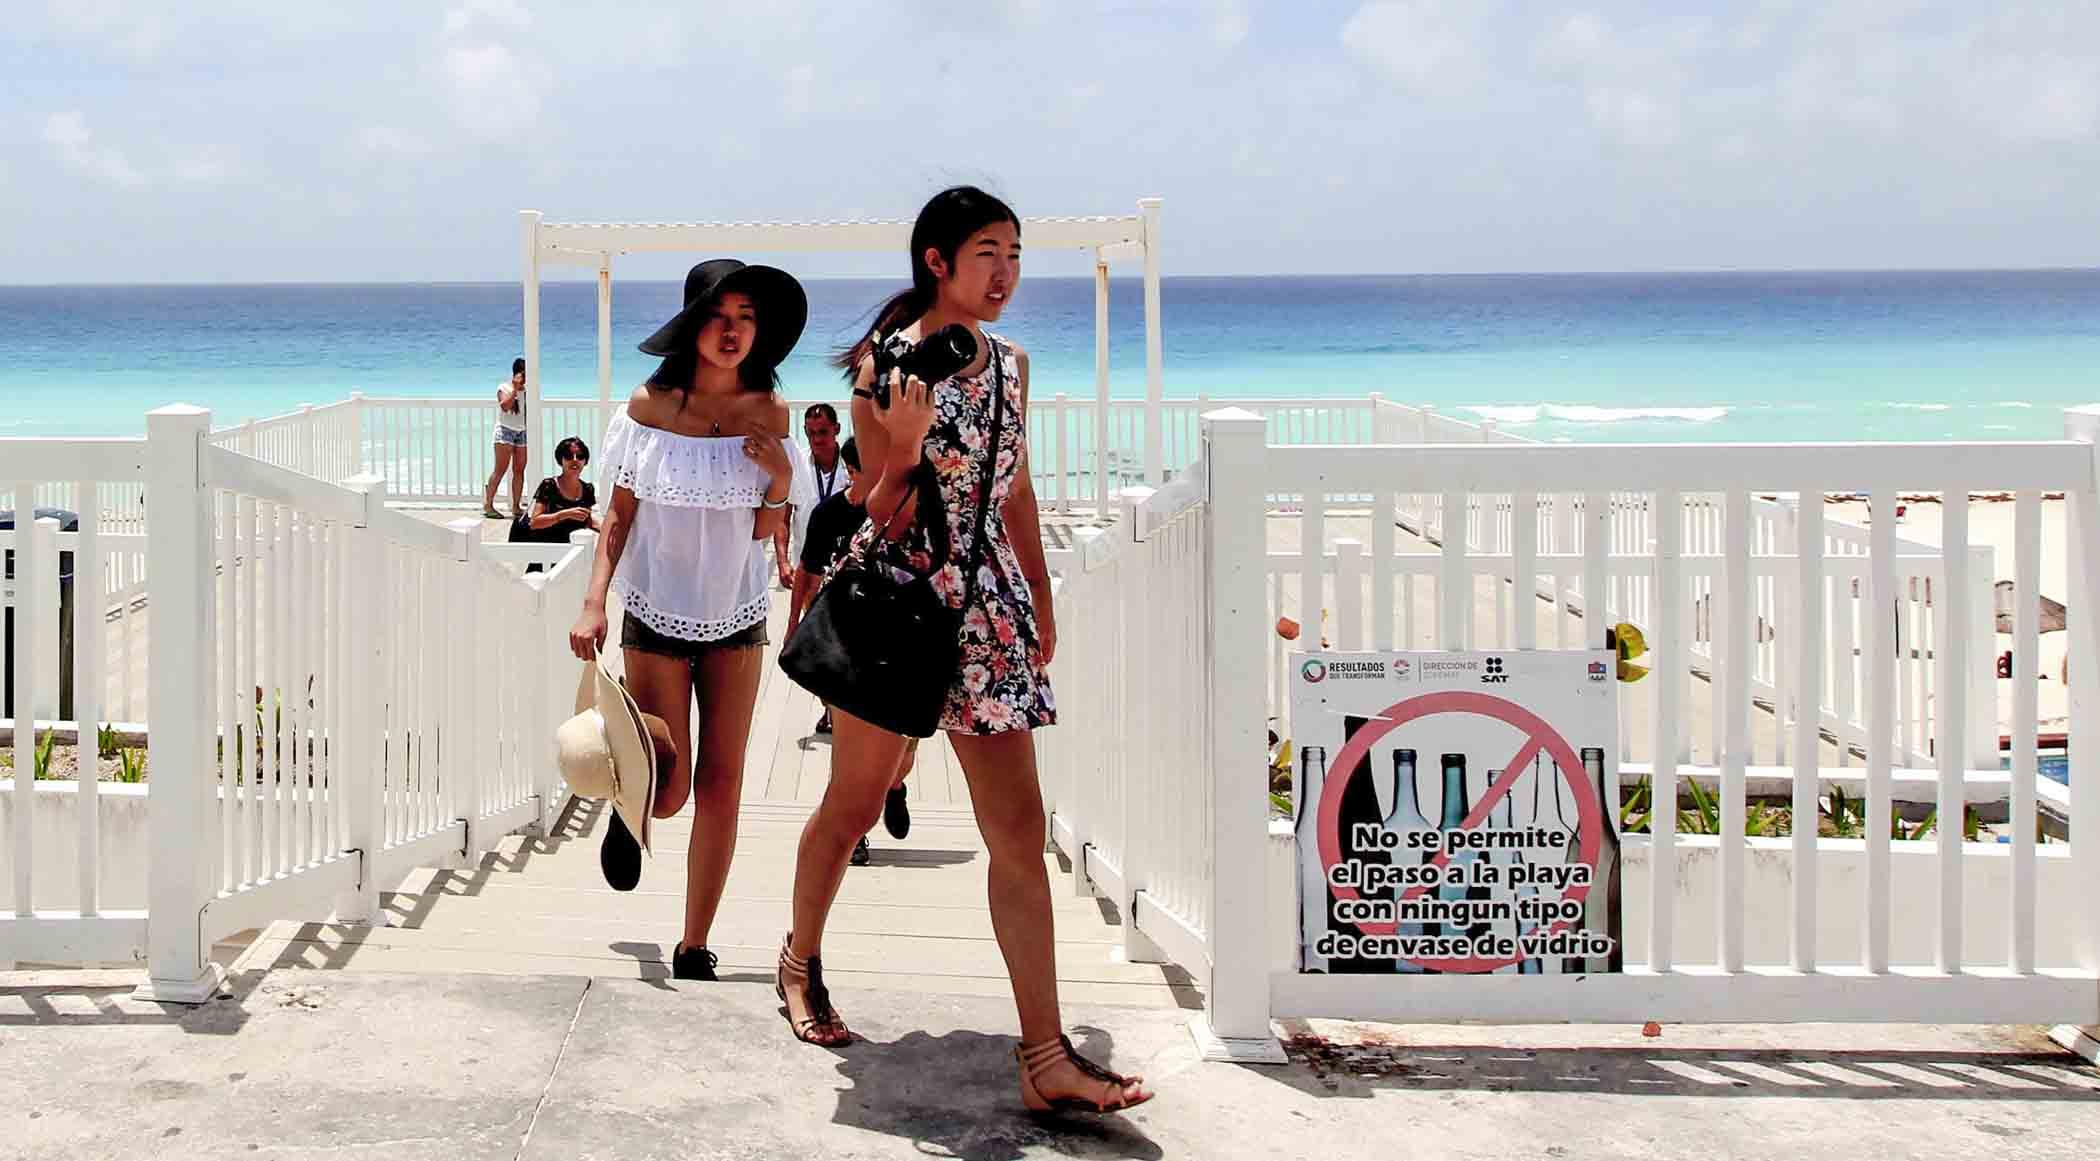 Policía de Cancún extorsiona a springbreakers